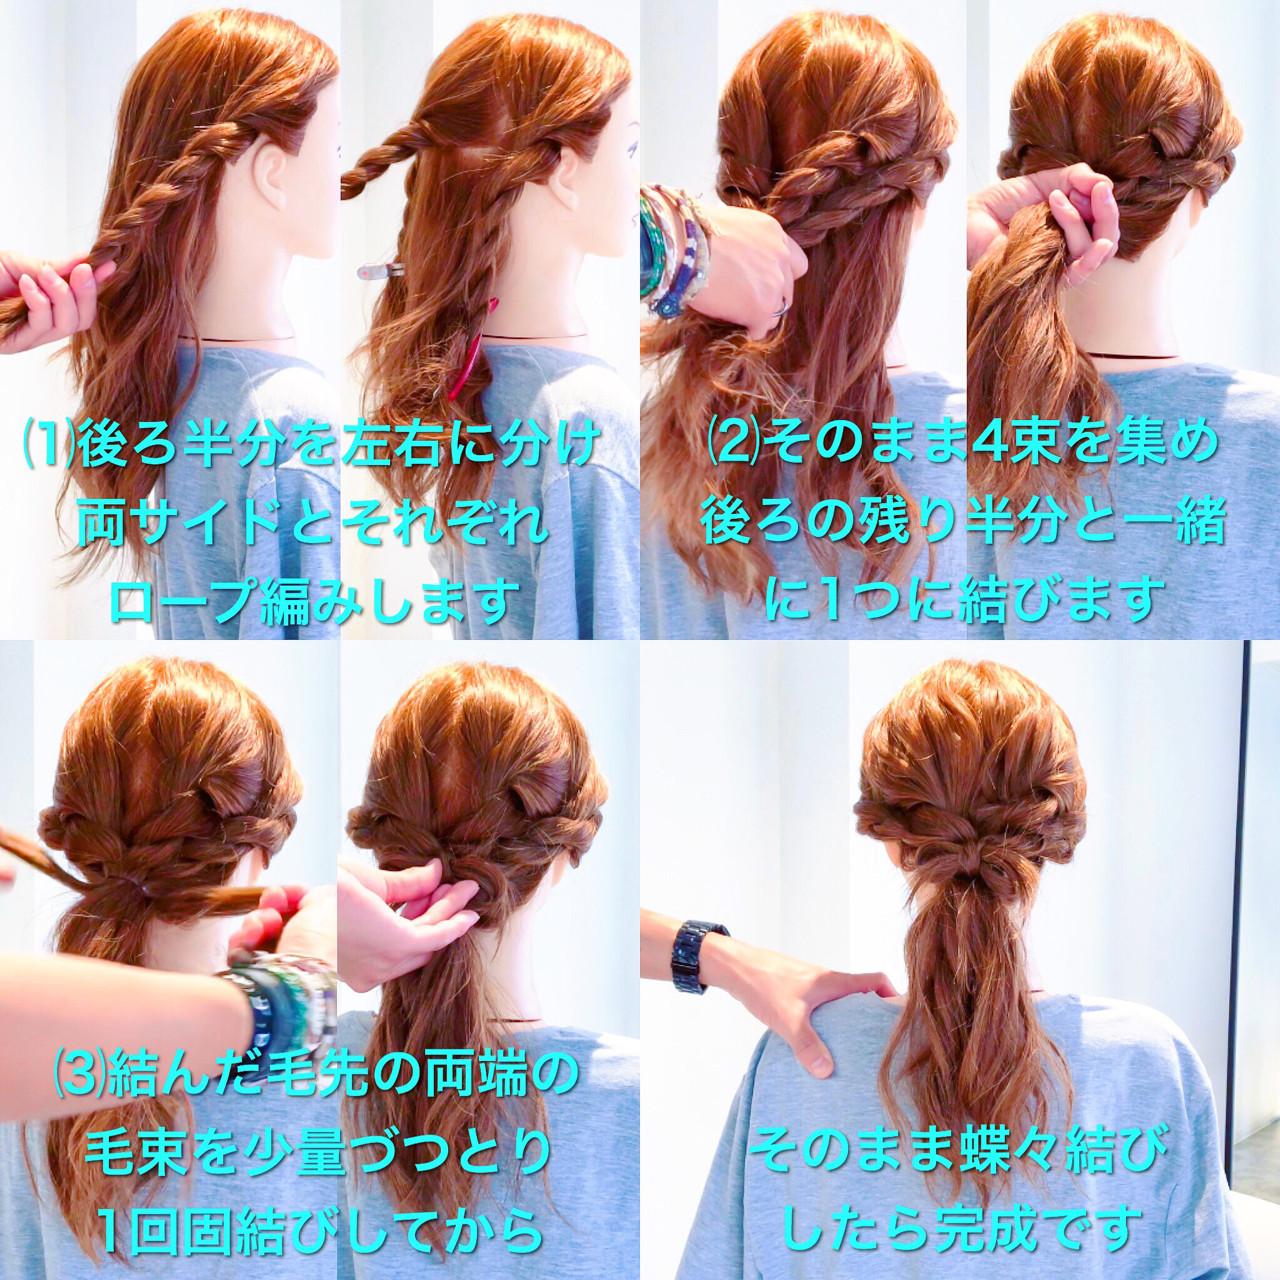 ヘアアレンジ 簡単ヘアアレンジ フェミニン ポニーテール ヘアスタイルや髪型の写真・画像